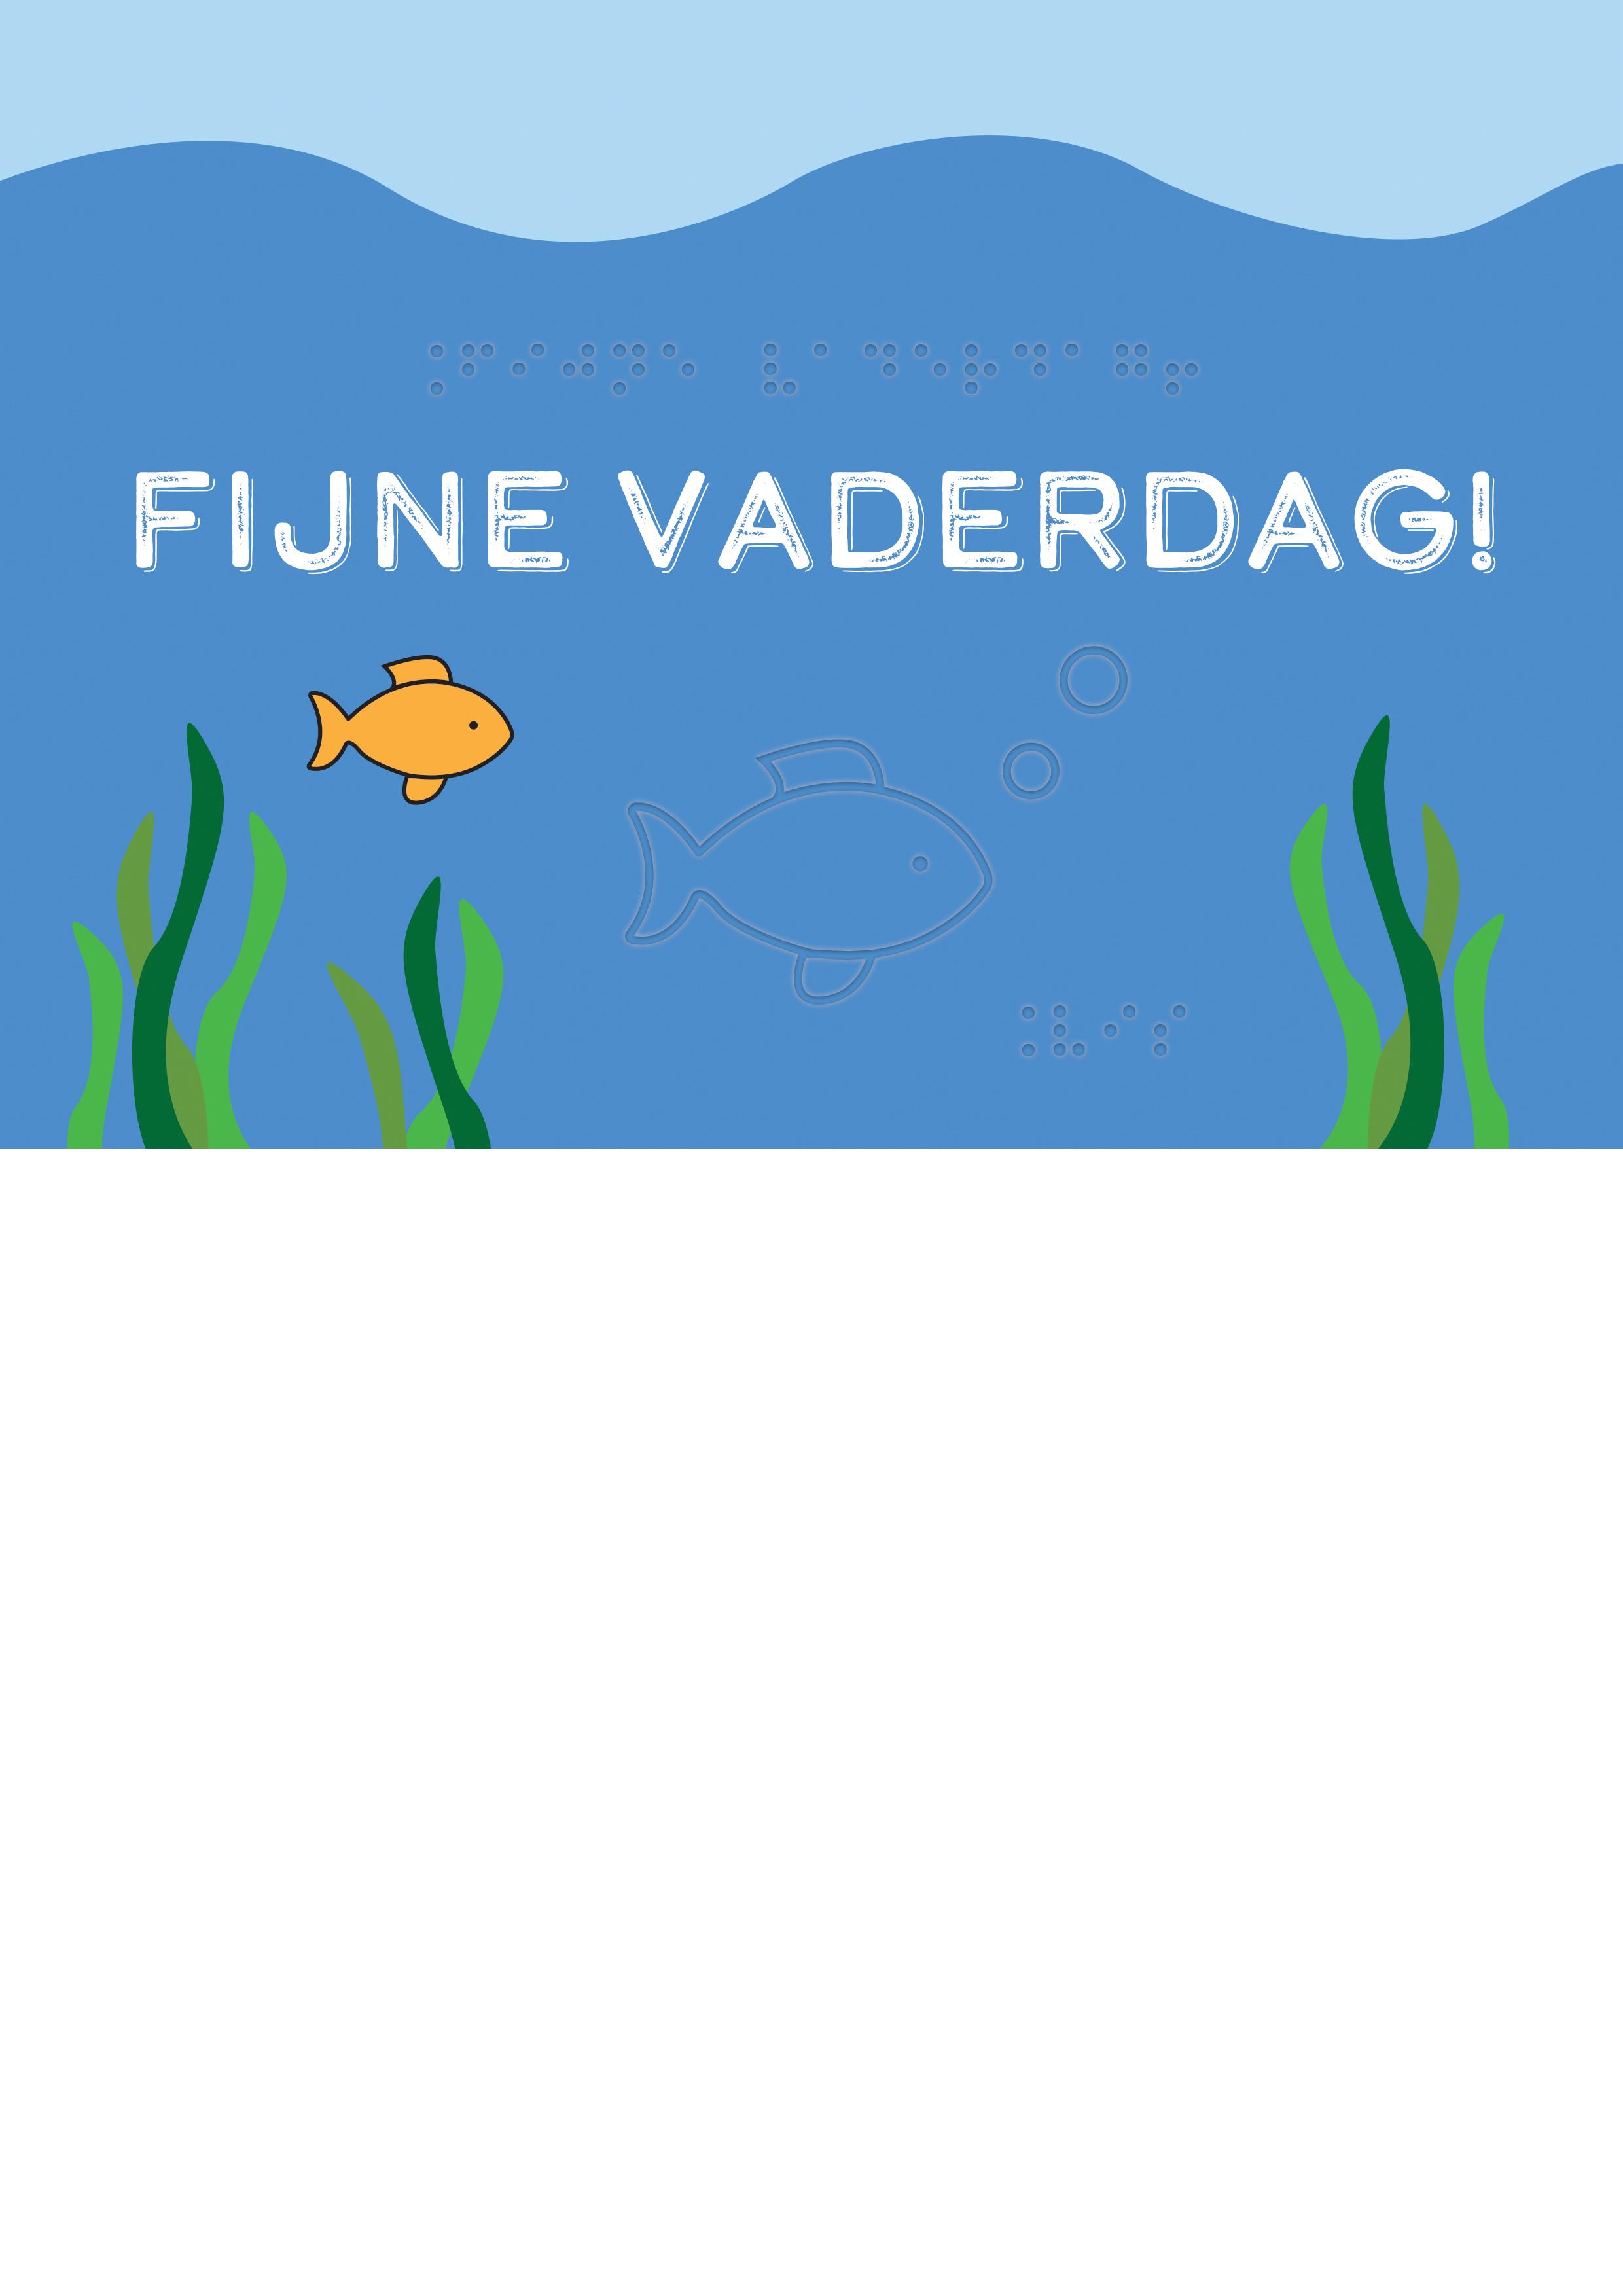 Voelbare wenskaart met braille en reliëf. In braille de tekst: fijne vaderdag! Met een voelbare afbeelding van een vis en luchtbellen.